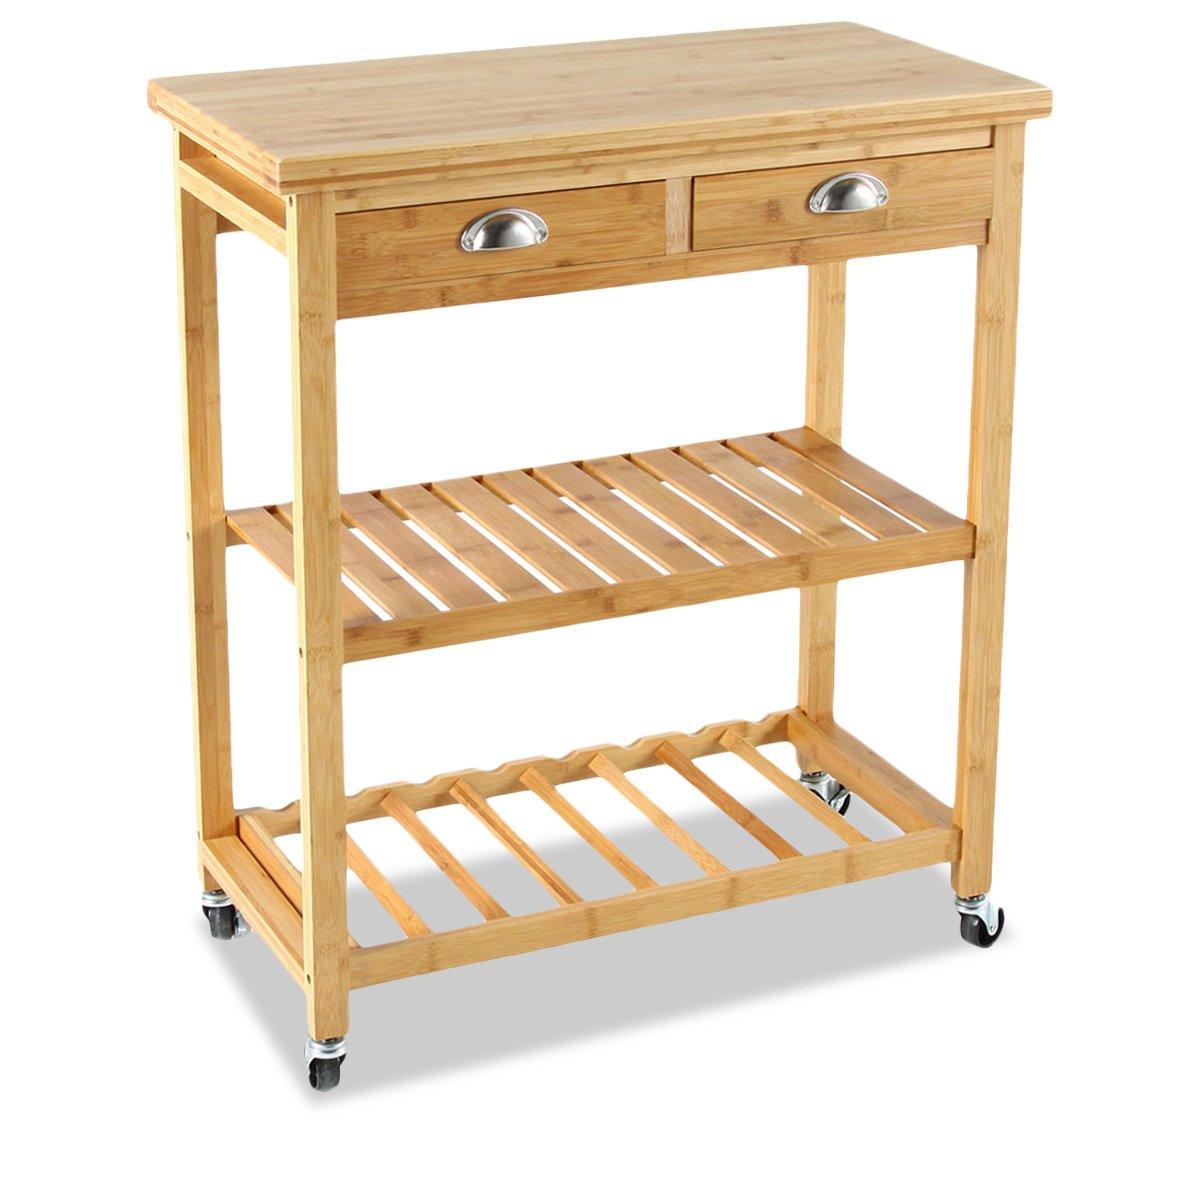 Bambou Küchenwagen auf Rollen, 2 Schubladen, 2 Etagen, aus Bambus